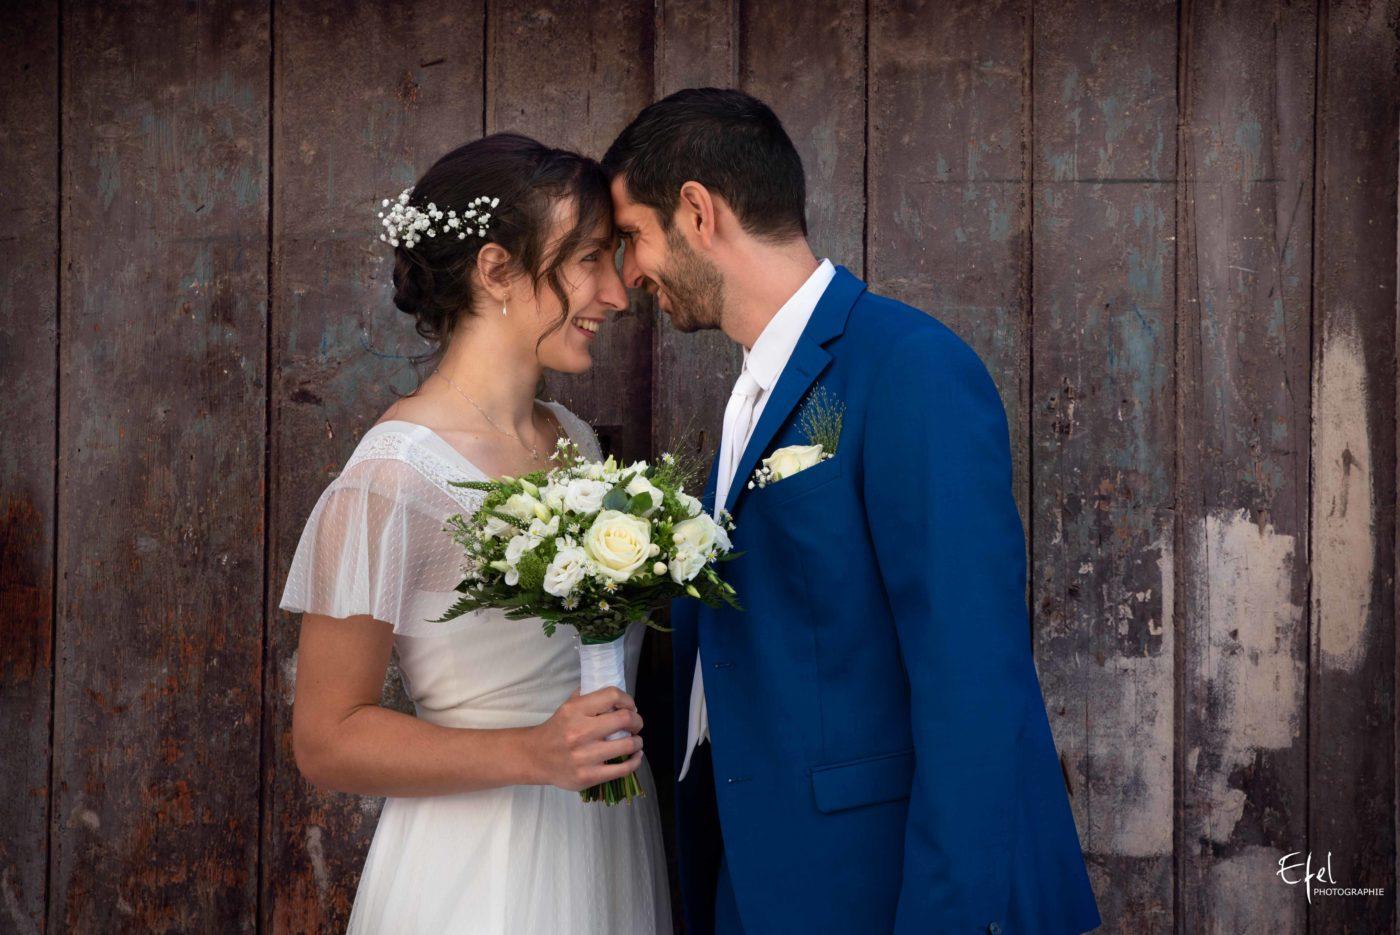 shooting couple de mariage photographe de mariage dans les hautes alpes, dans les alpes maritimes et en PACA